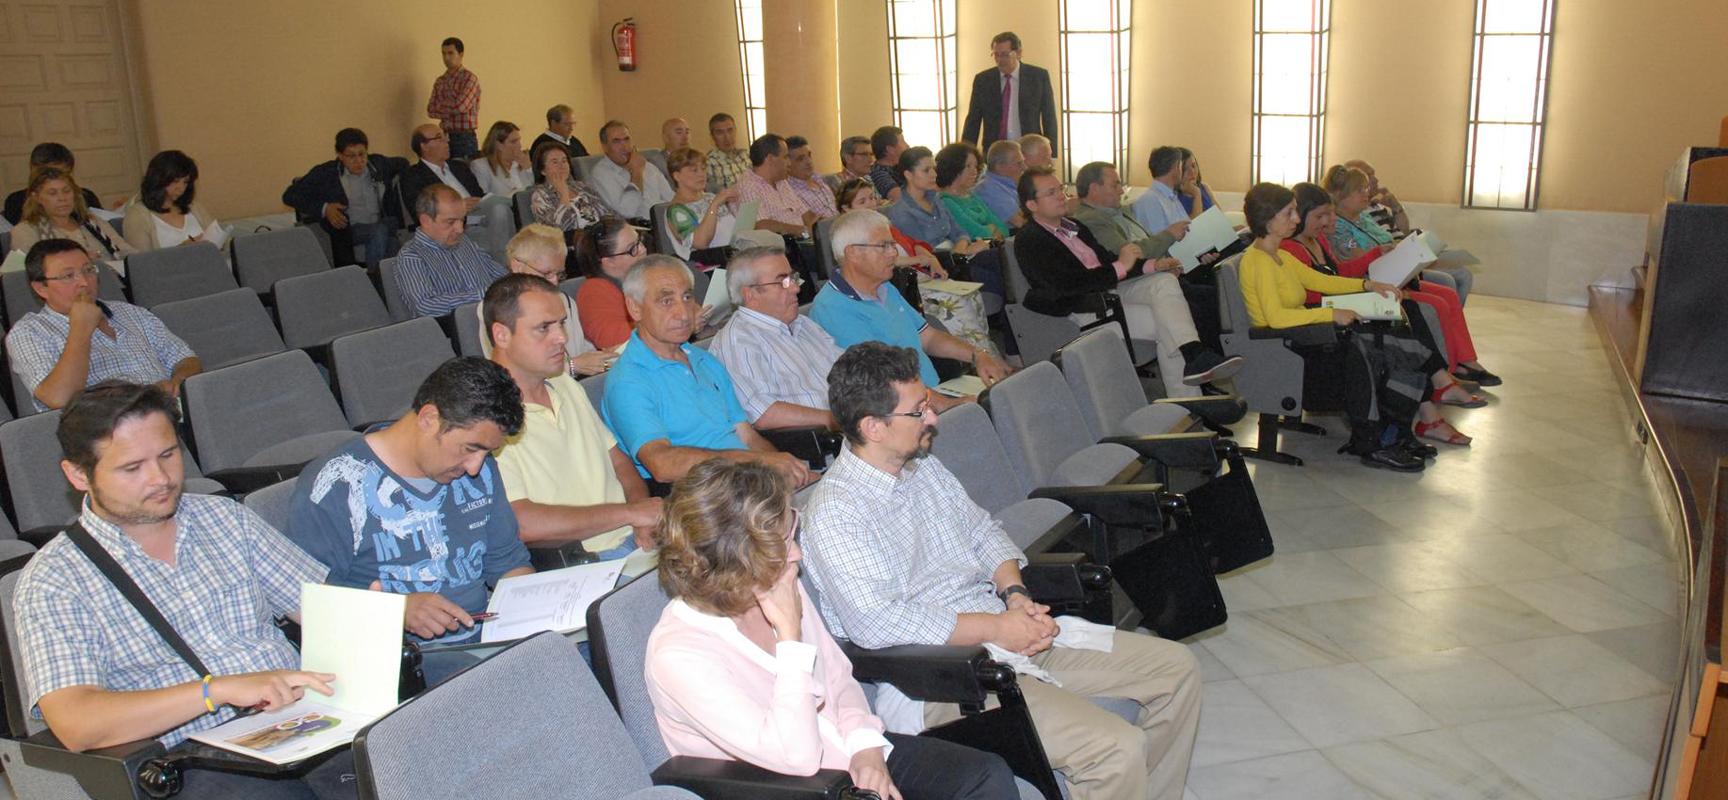 Alcaldes asistentes a la presentación del Plan de Empleo en la Diputación.